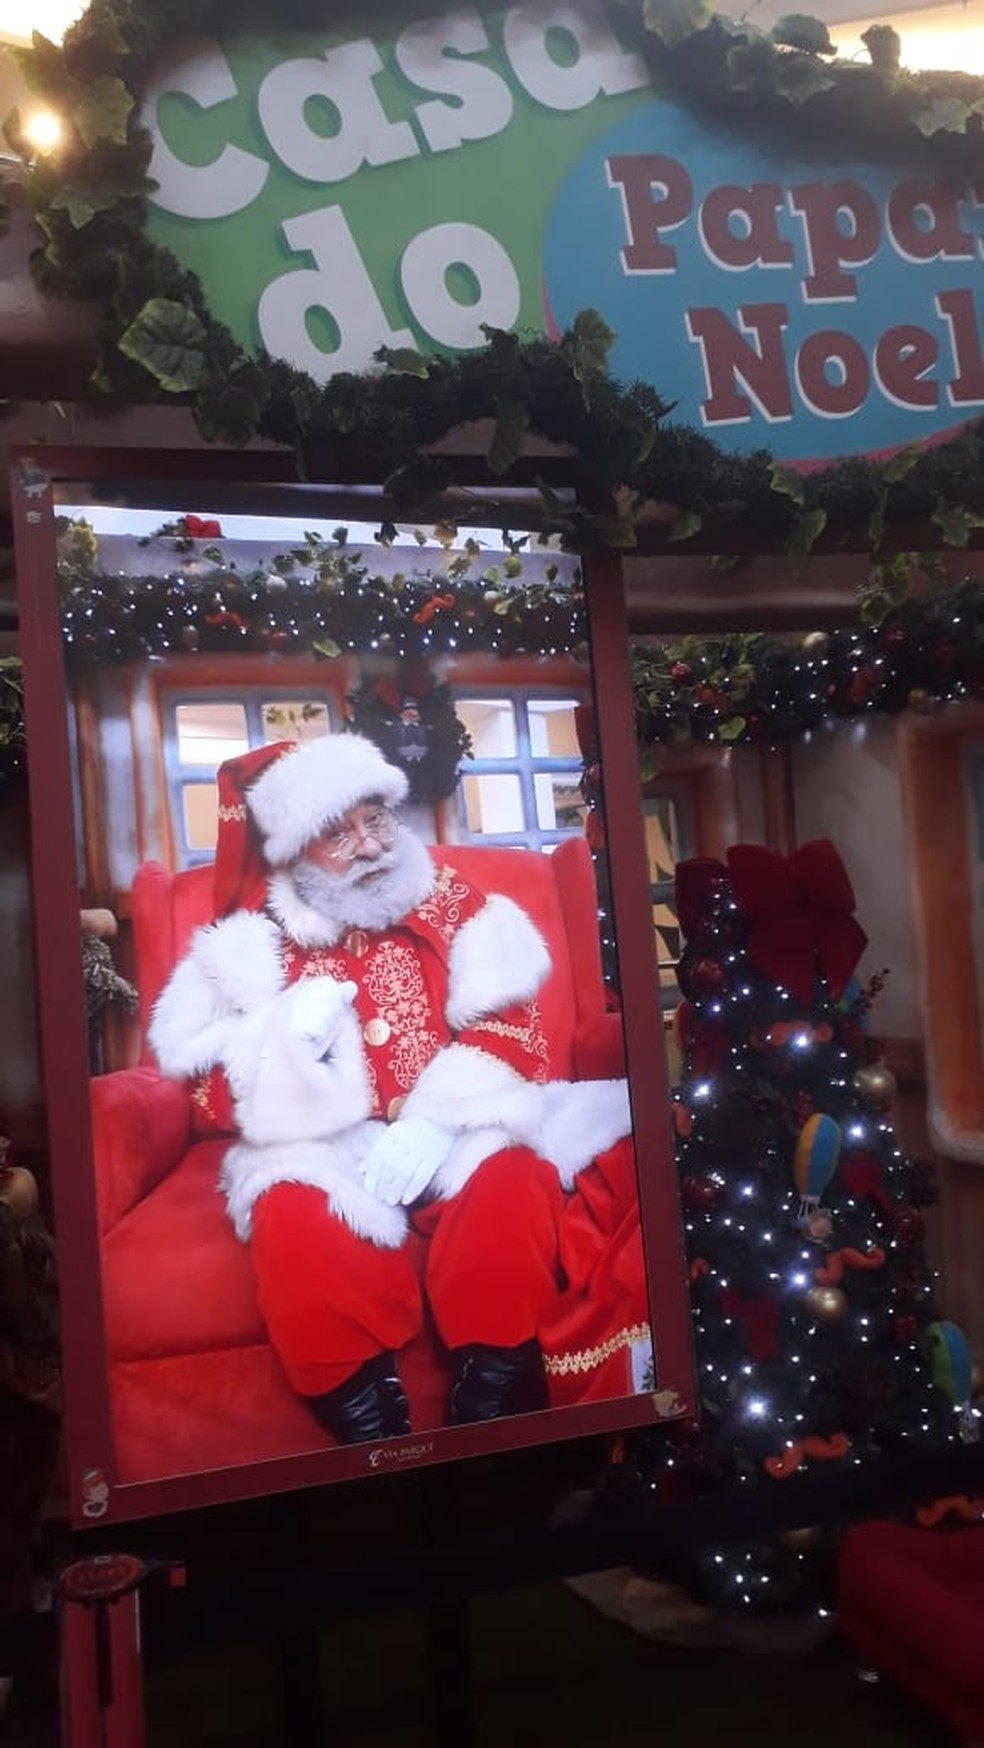 Shopping instalou televisor para fazer contato à distância entre crianças e o Papai Noel — Foto: Limachem Cherem/Arquivo Pessoal